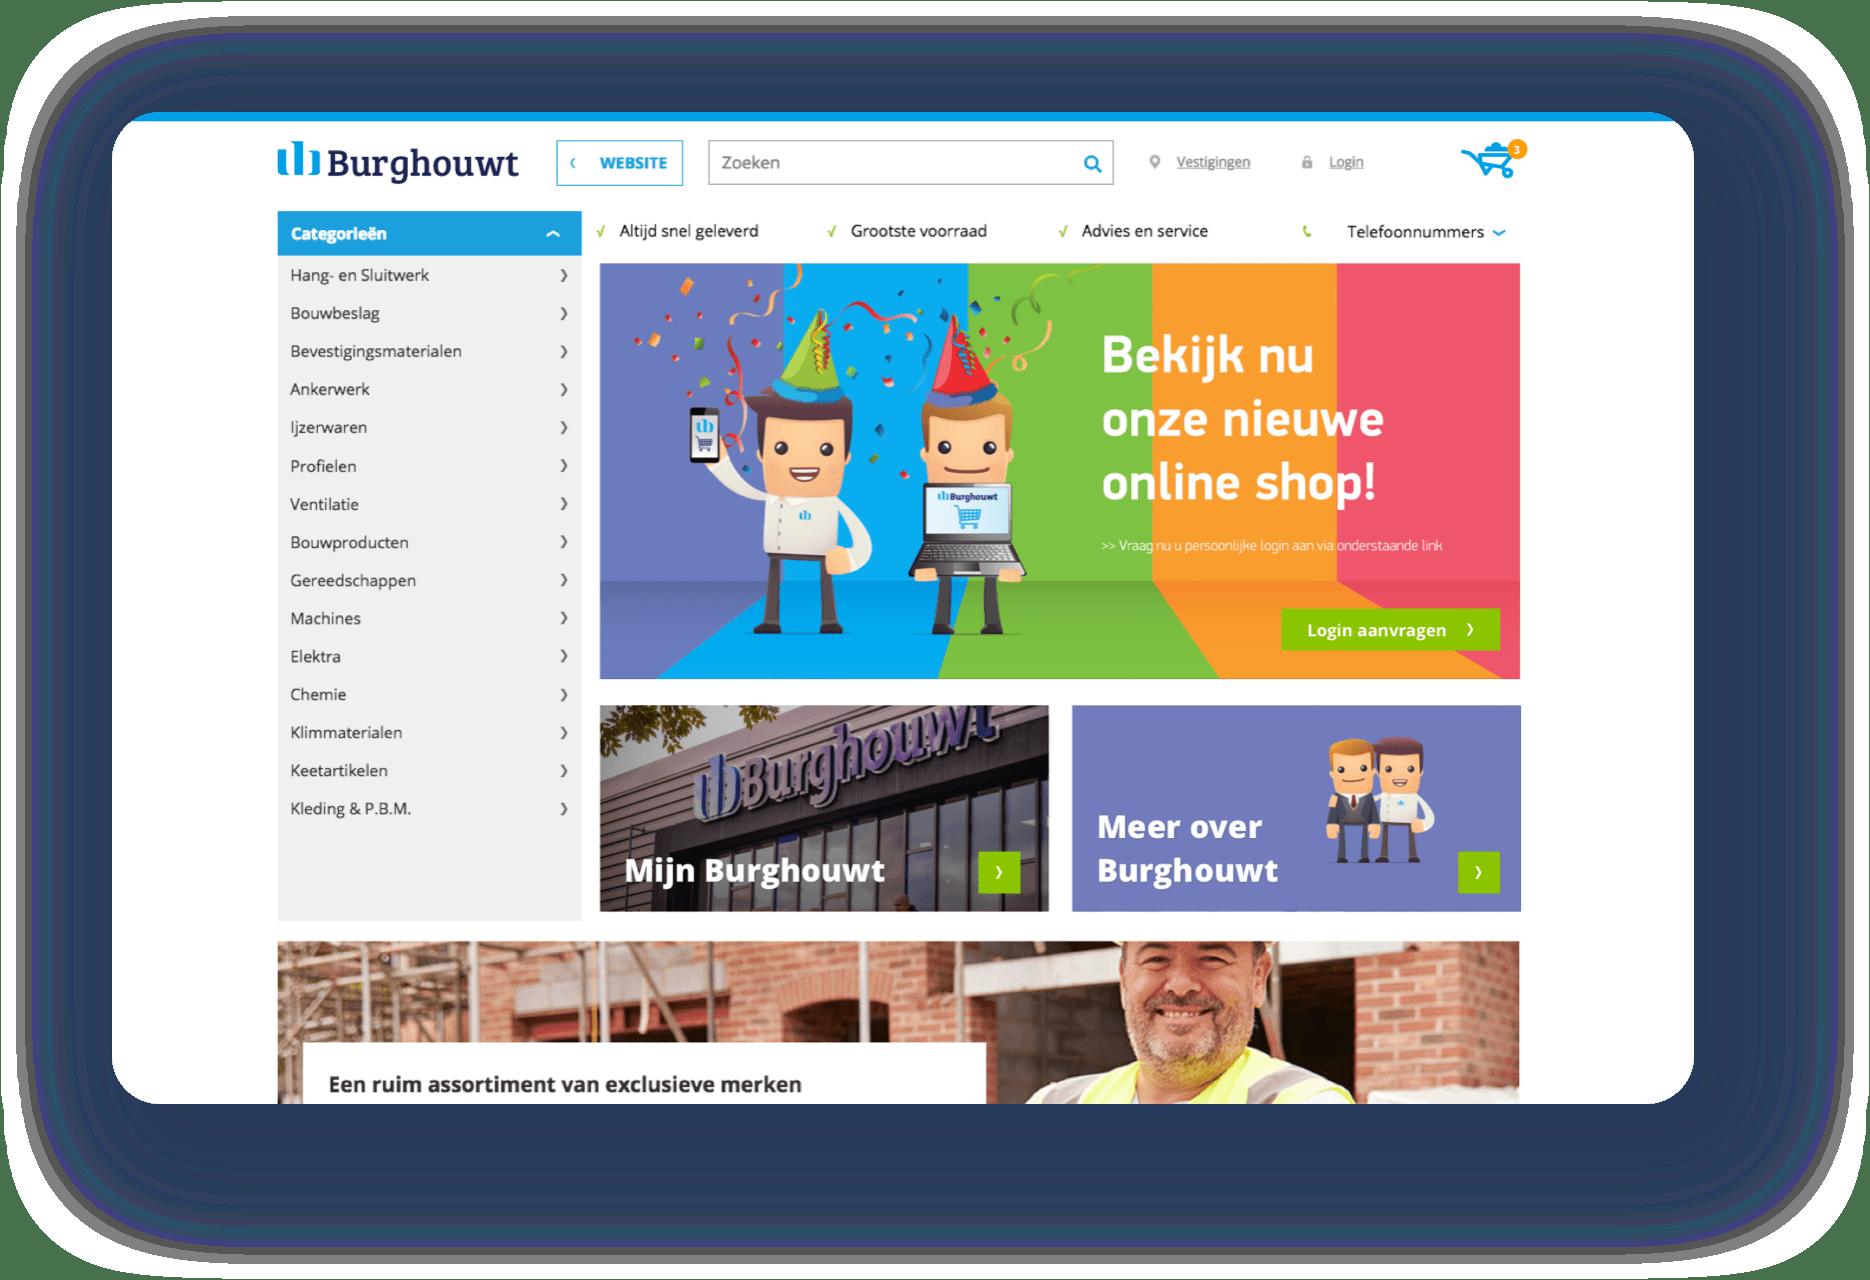 Screenshots van de webshop van Burghouwt getoond op een aantal verschillende apparaten.